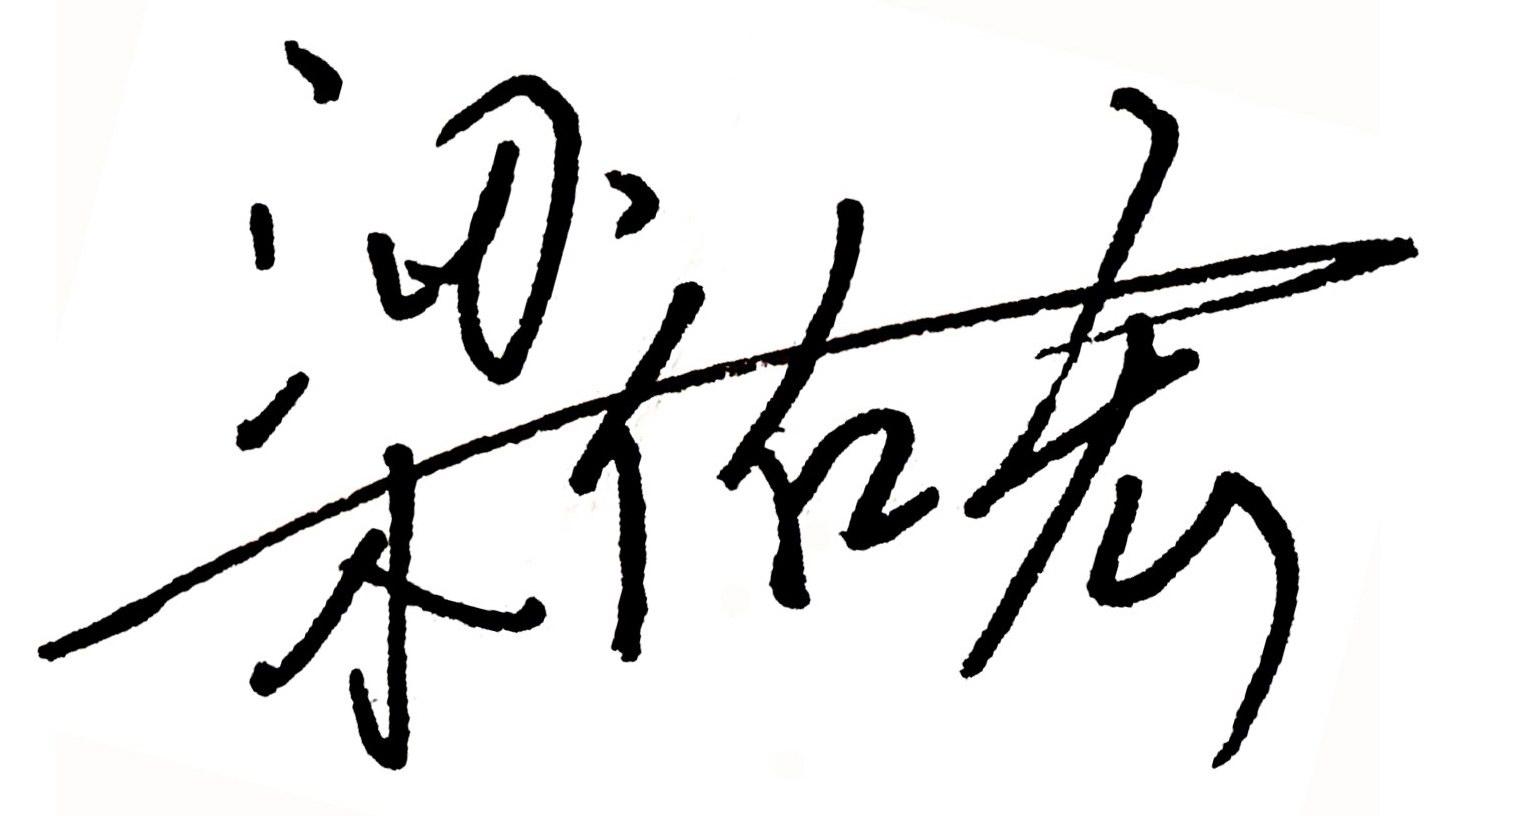 个人签名_个人签名设计_20元_K68威客任务